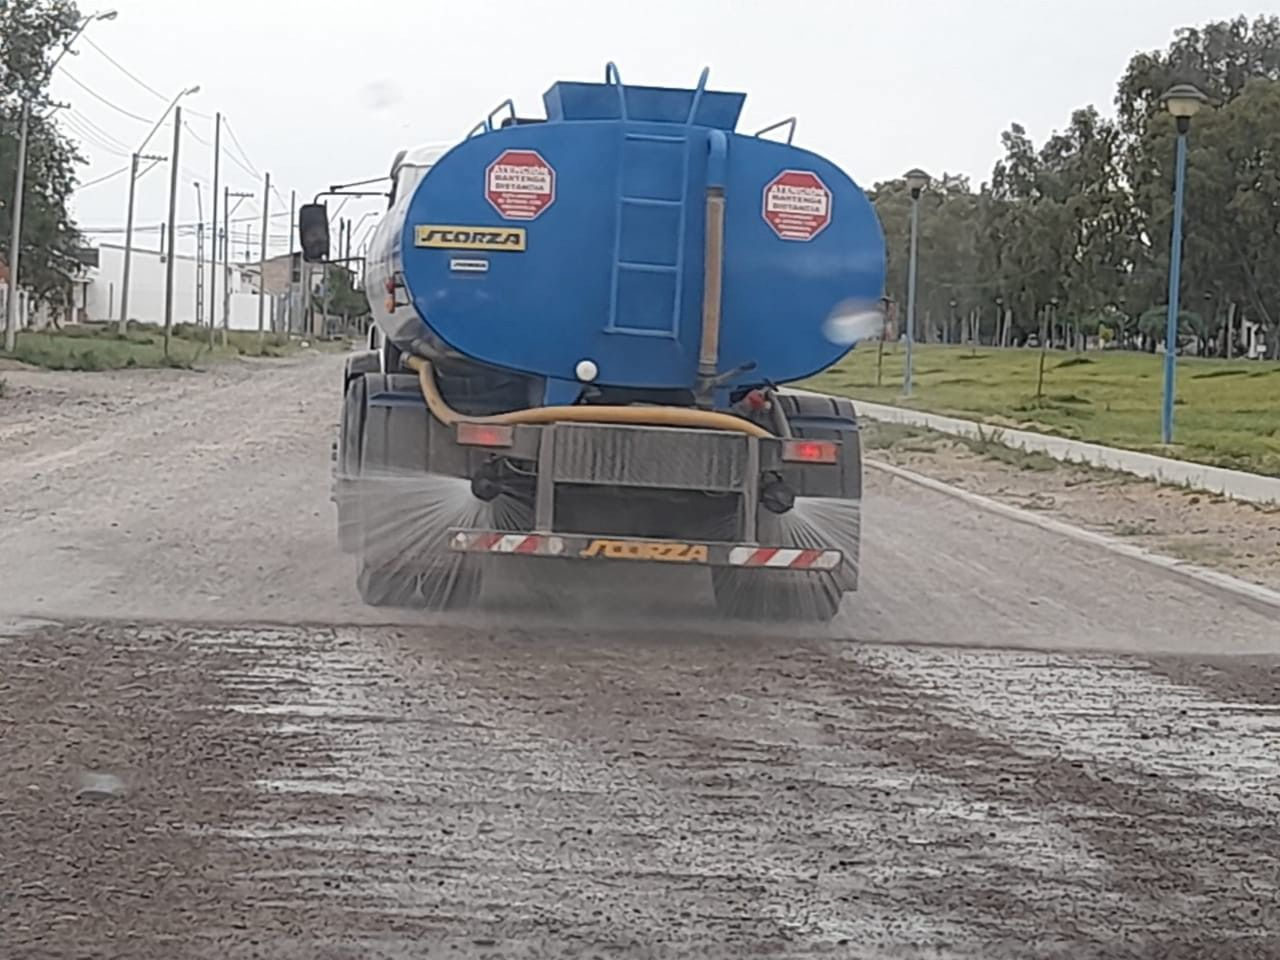 Se realizaron tareas de mantenimiento y distribución de agua en distintos puntos de la ciudad